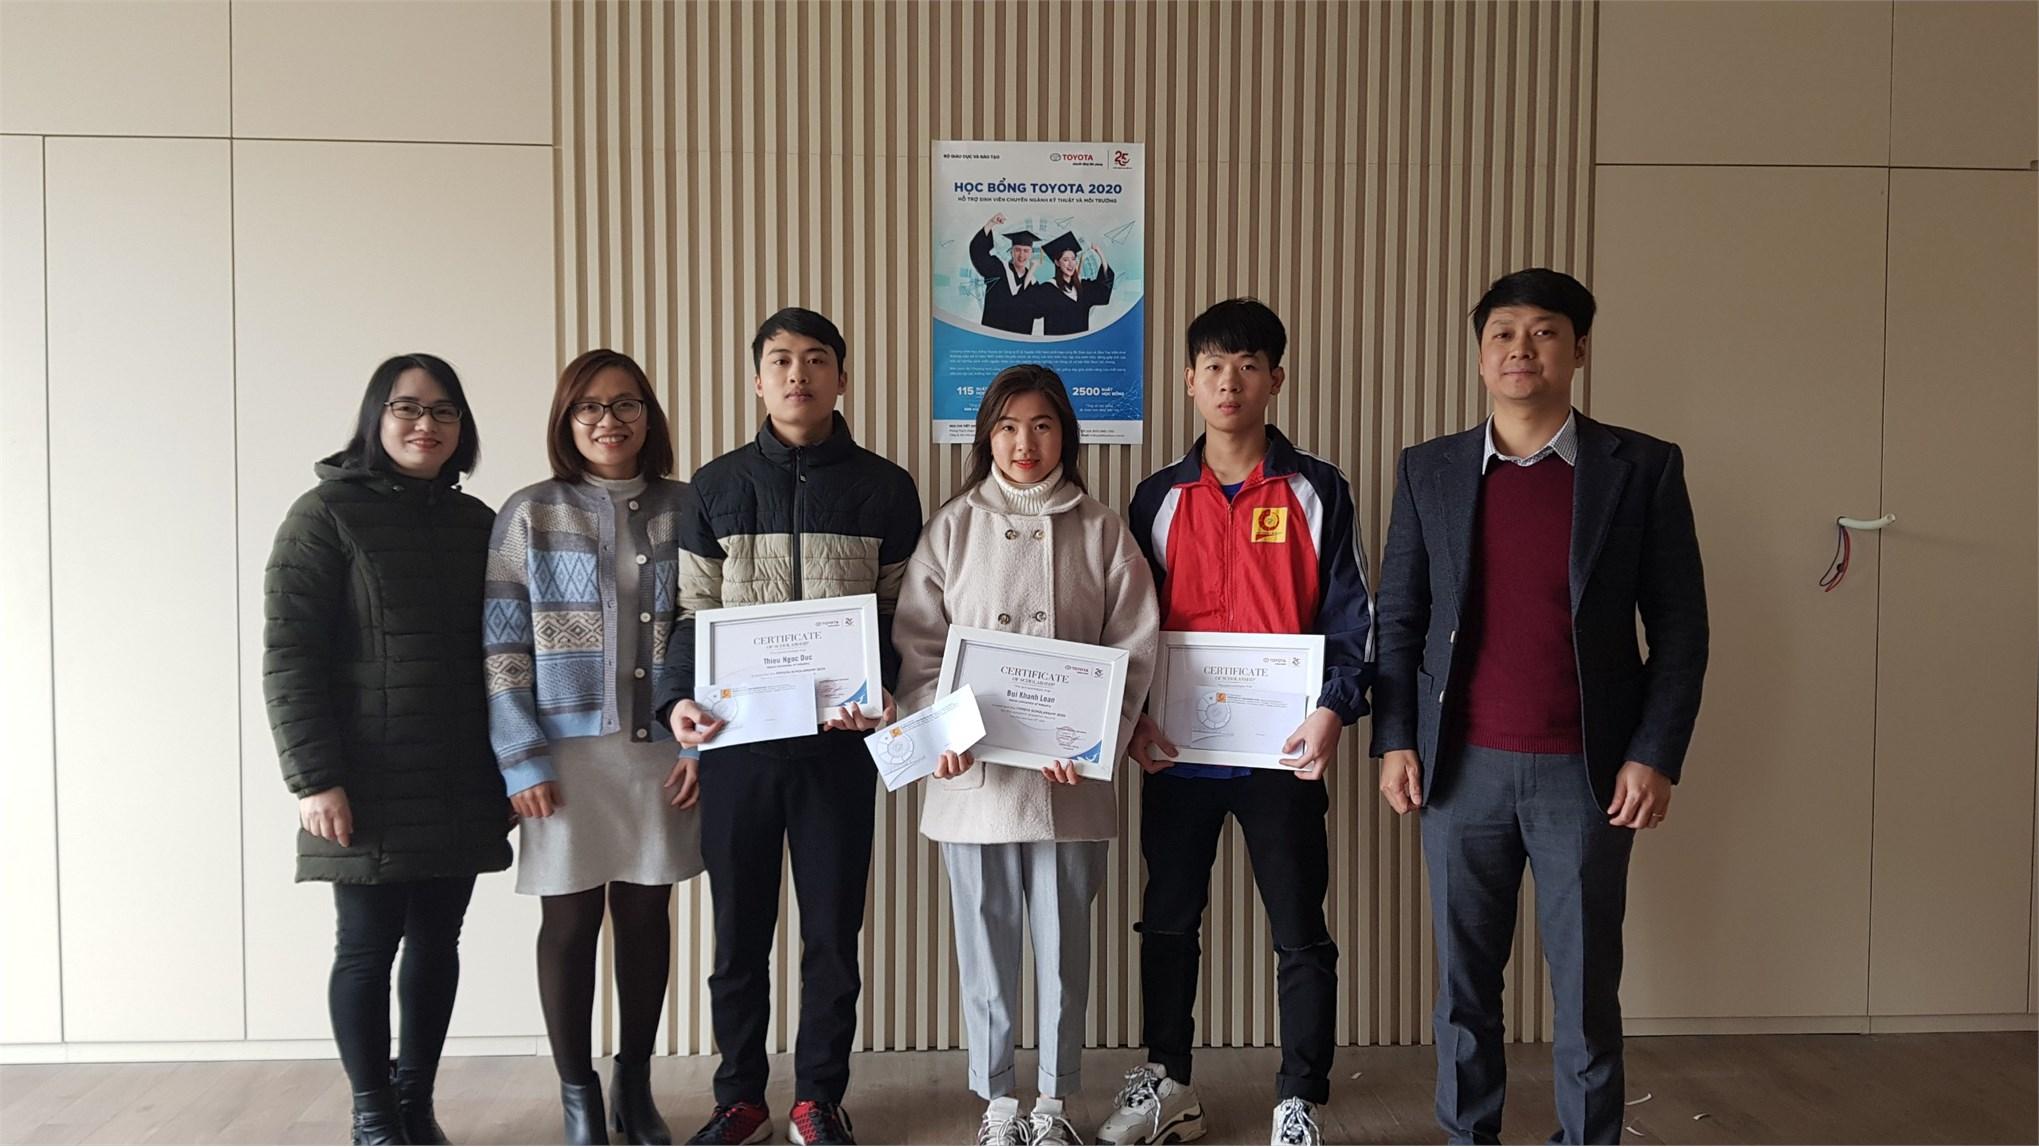 Trao tặng học bổng của Toyota Việt Nam cho 03 sinh viên khoa công nghệ ô tô đạt thành tích xuất sắc trong học tập